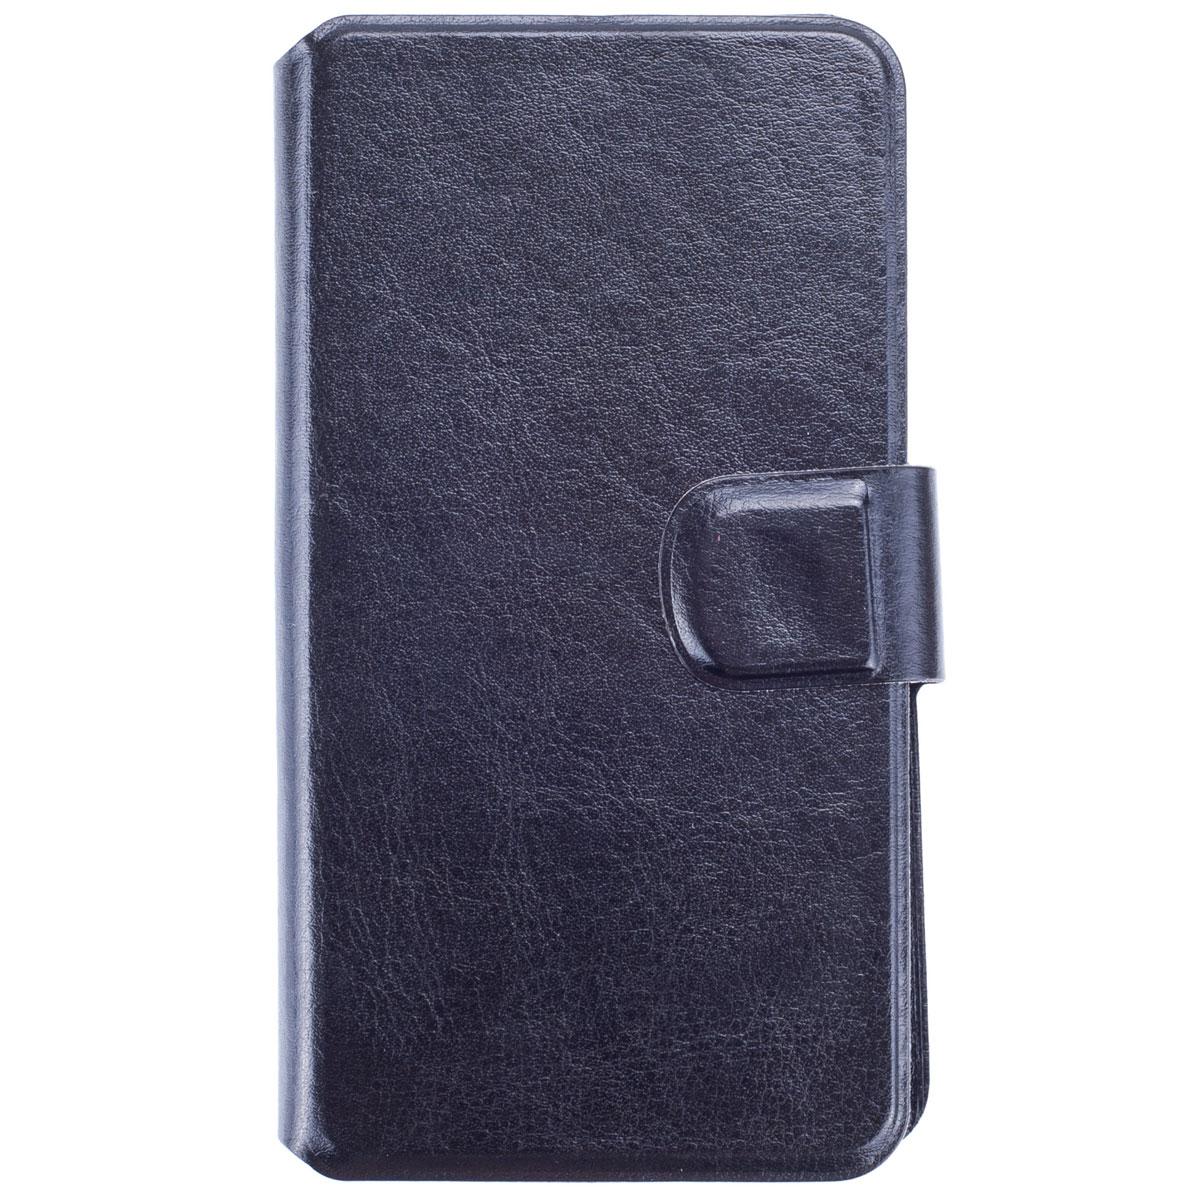 Skinbox Slide Sticker чехол для смартфонов 5.5, BlackT-S-U5.5Чехол Skinbox Slide Sticker выполнен из высококачественного поликарбоната и экокожи. Он обеспечивает надежную защиту корпуса и экрана смартфона и надолго сохраняет его привлекательный внешний вид. Чехол также обеспечивает свободный доступ ко всем разъемам и клавишам устройства.